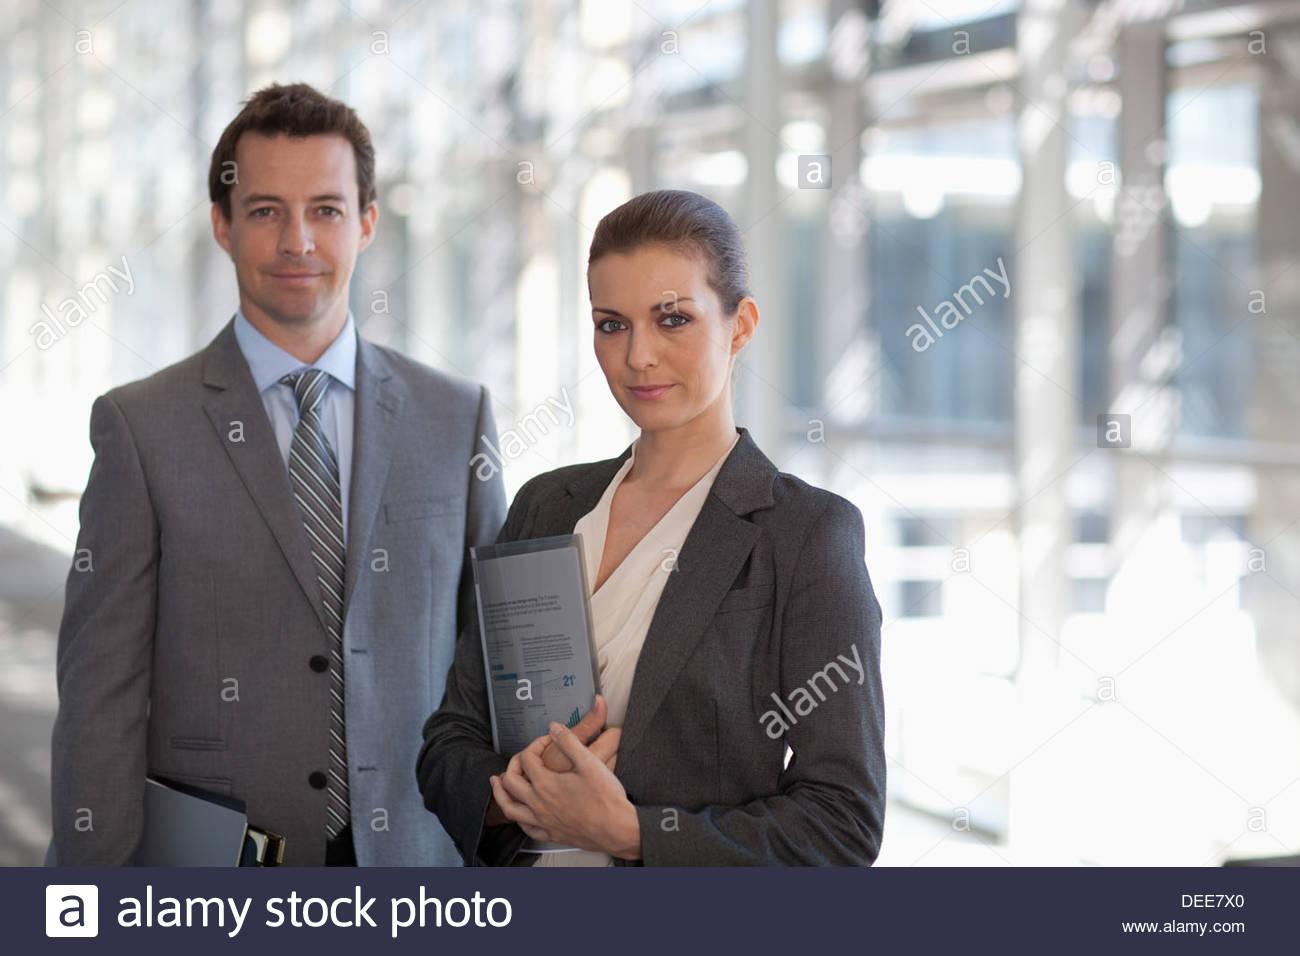 Porträt des Lächelns Geschäftsmann und Geschäftsfrau im Korridor Stockbild